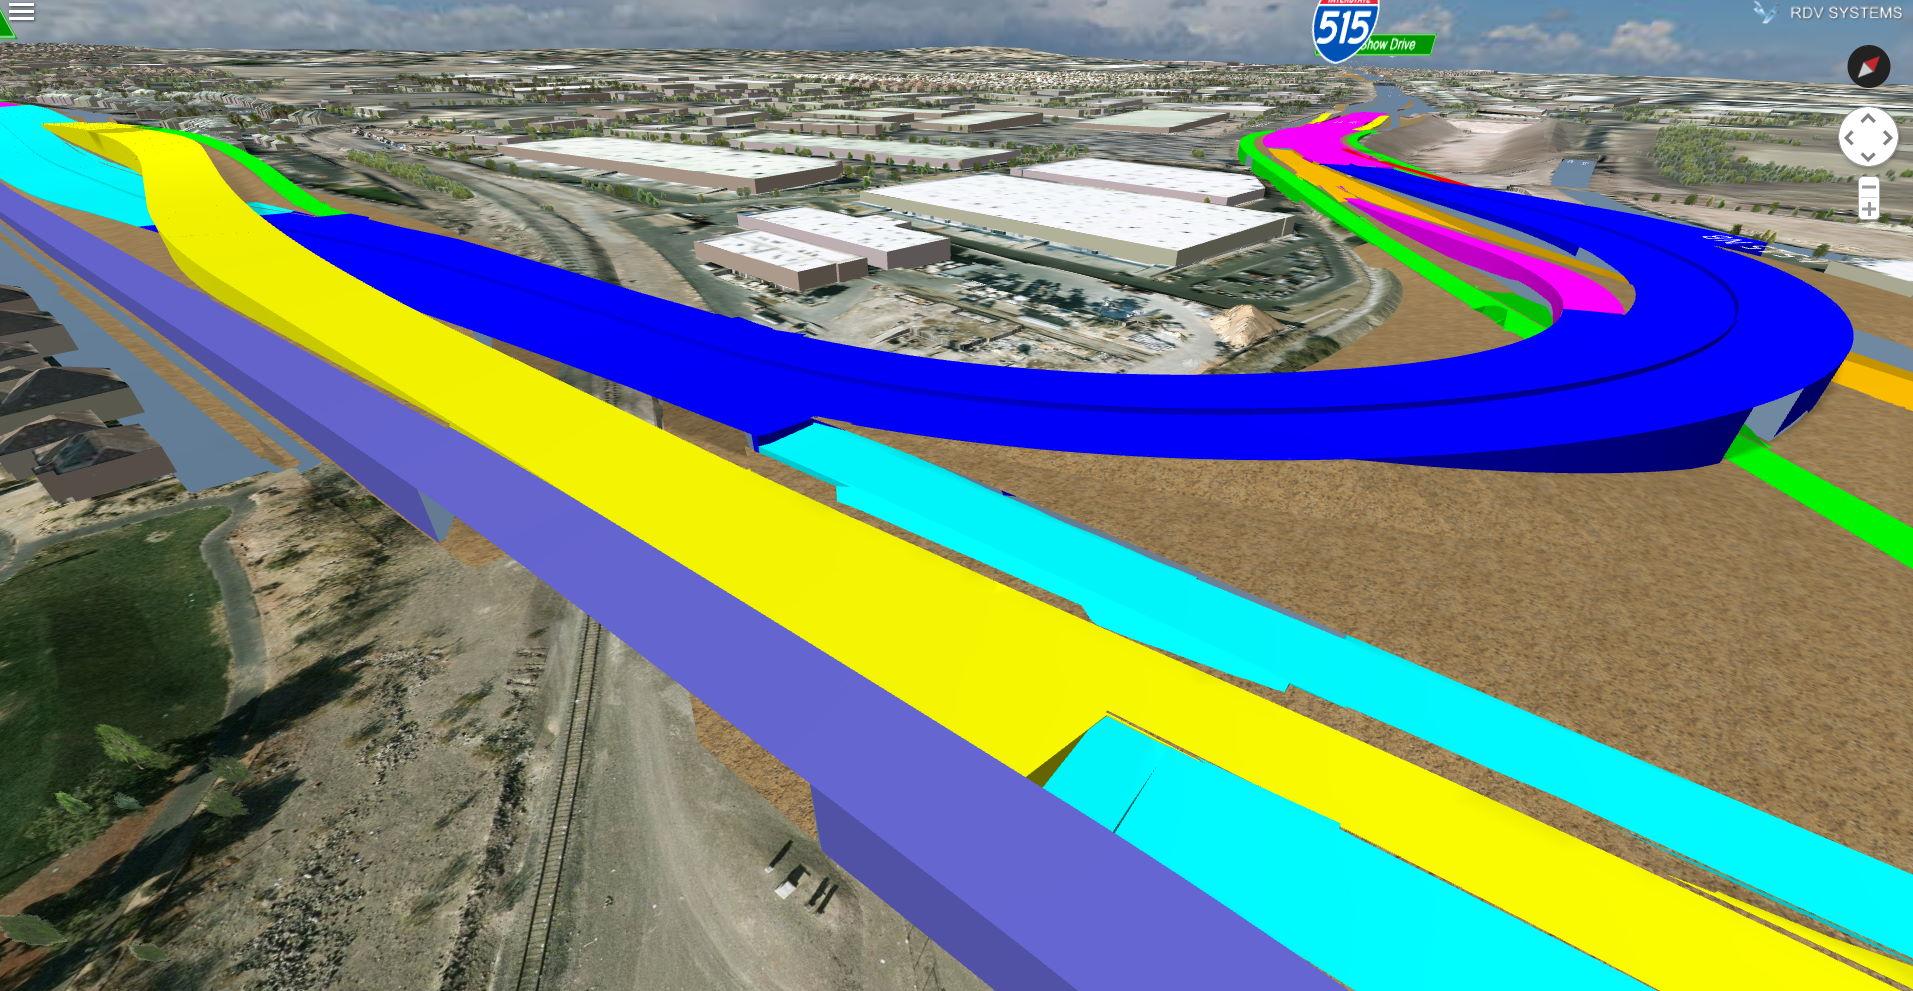 Error in geometry of roadway | RDV Systems